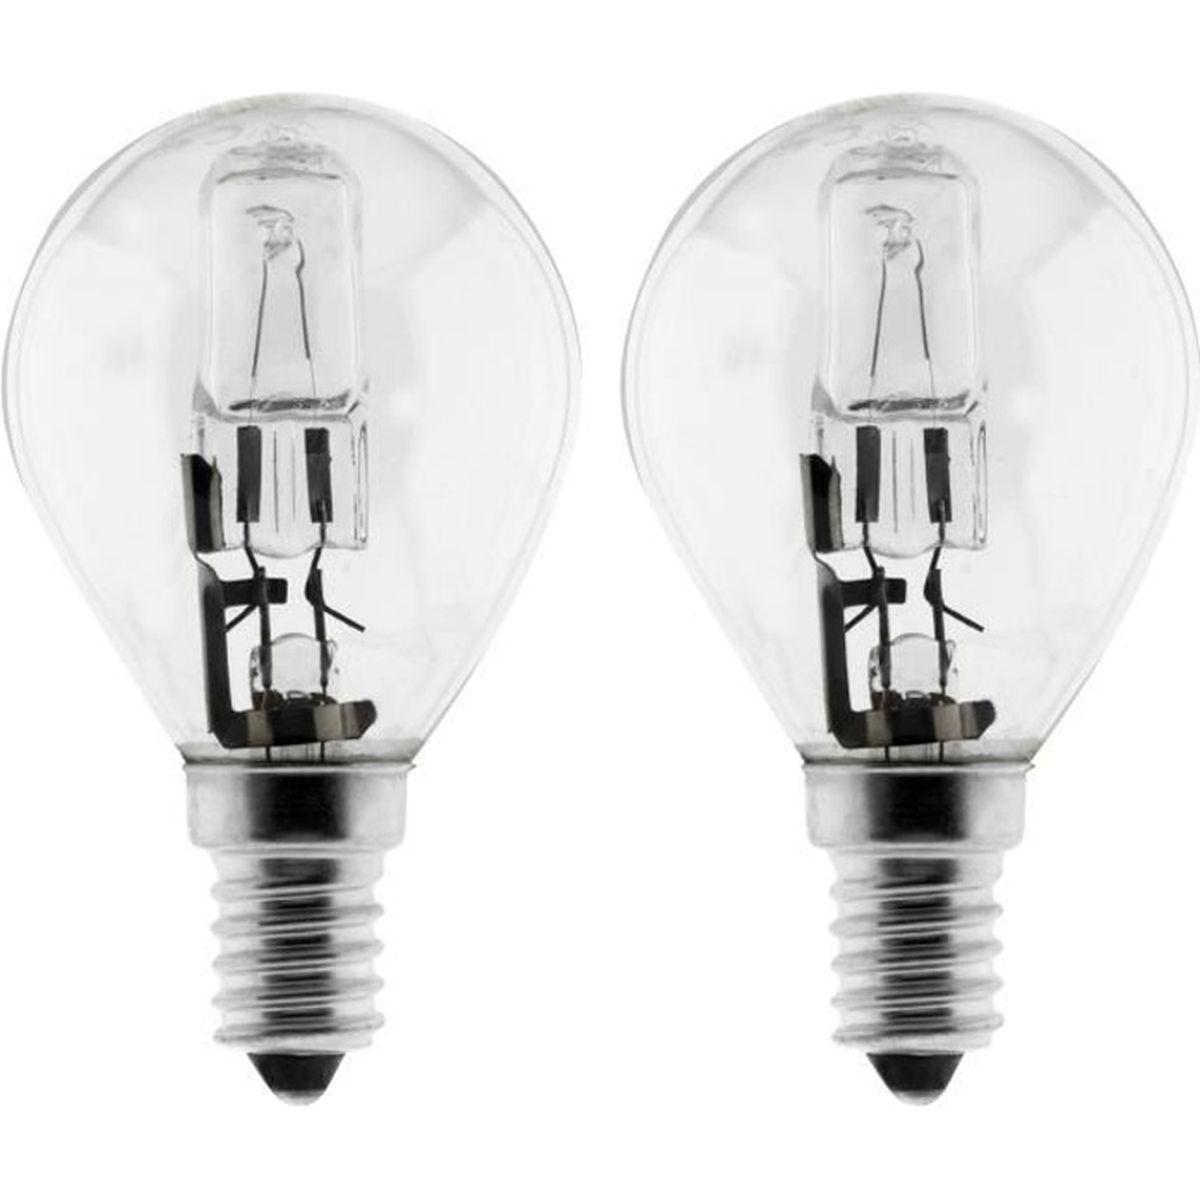 10 x Bougie Eco Halogène Ampoule 28w = 40w e14 AMPOULE bougies blanc chaud variateur